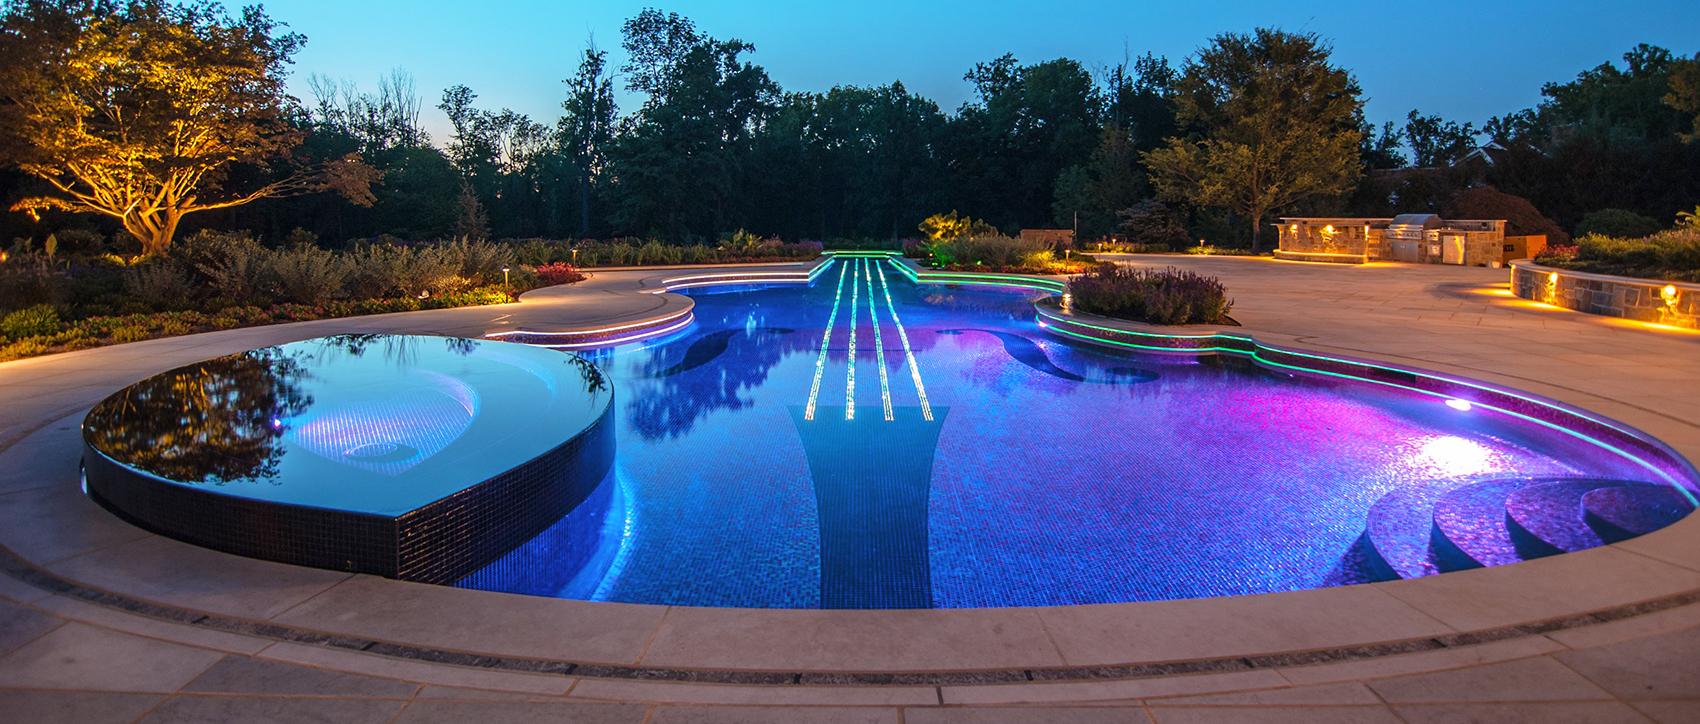 Swimming Pool Service Hayward CA   Pool Repair Danville CA